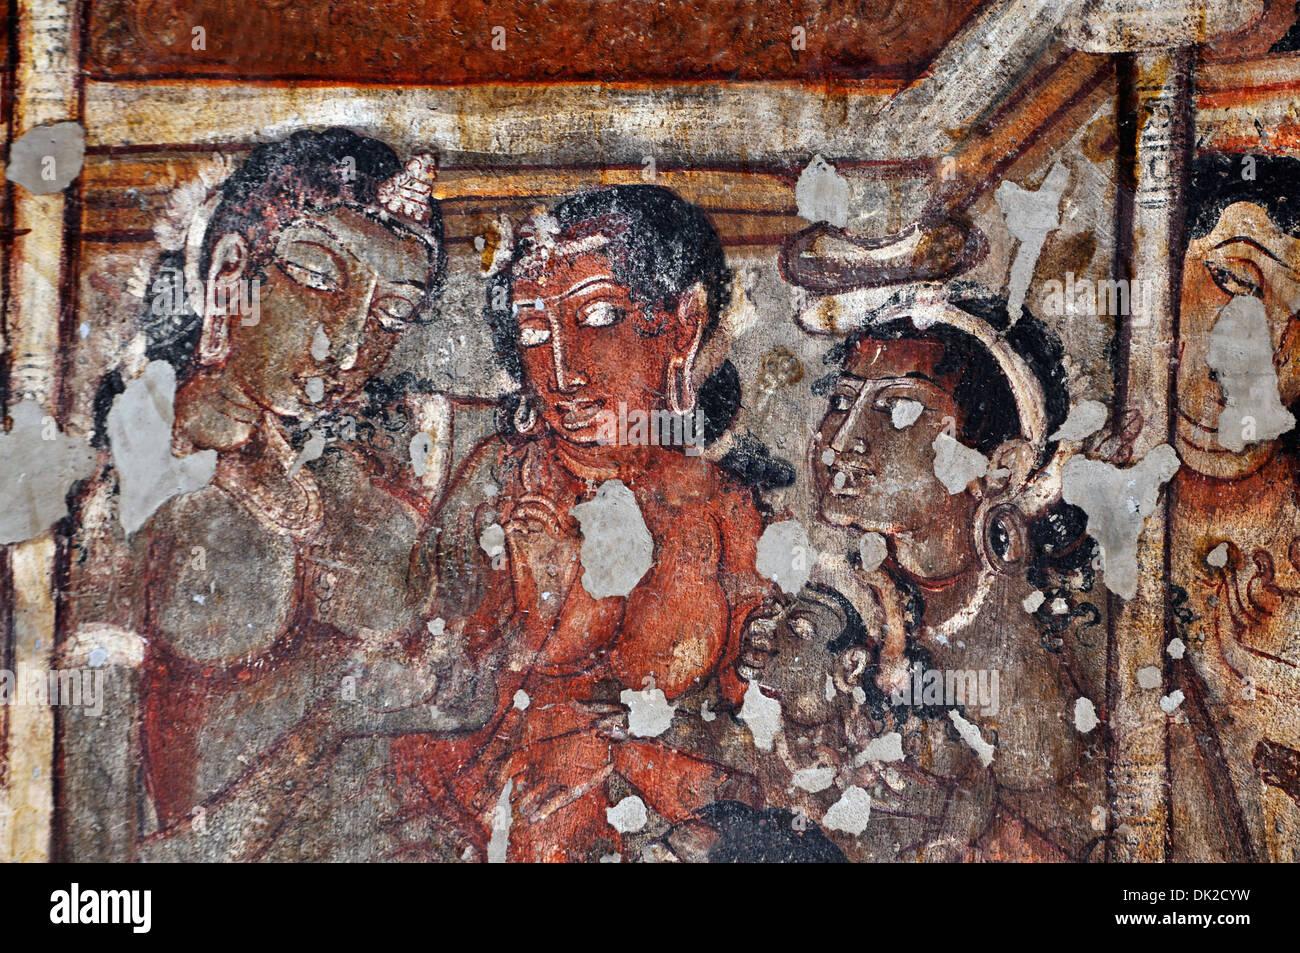 Ajanta Caves Painting Stock Photos Ajanta Caves Painting